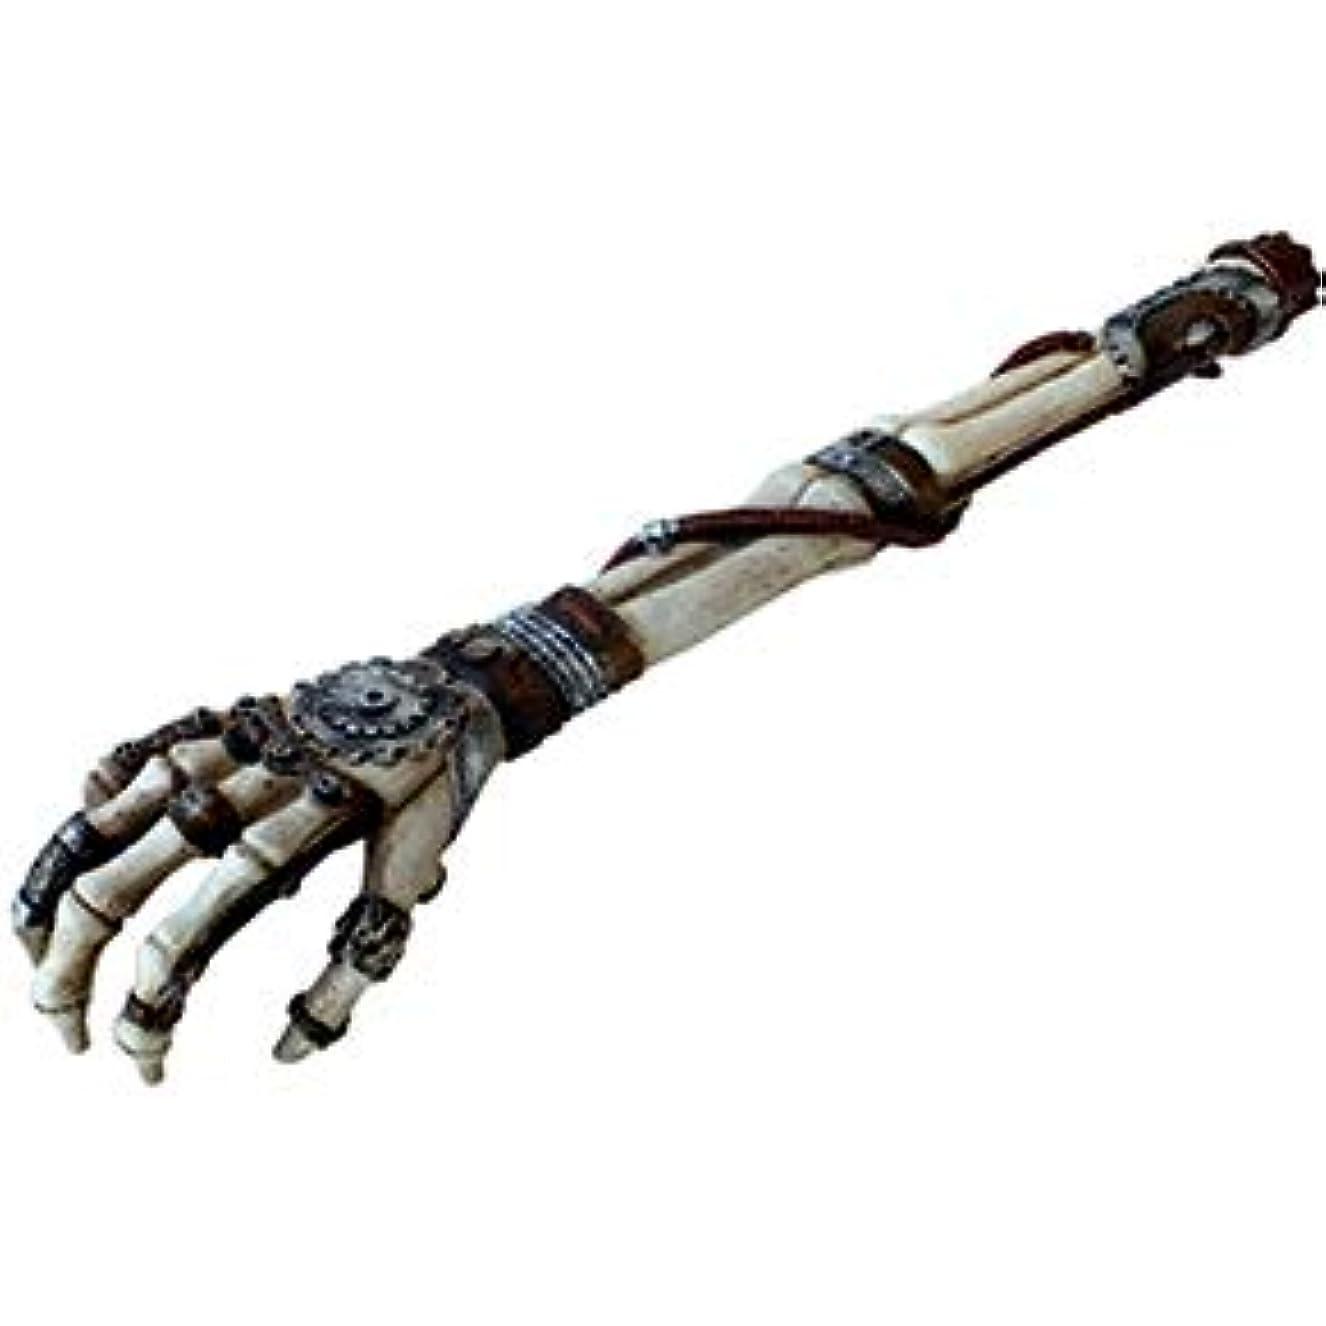 助けになるいいね証拠スチームパンクスケルトンアーム バックスクラッチャー(孫の手) Steampunk Skeleton arm back scratcher